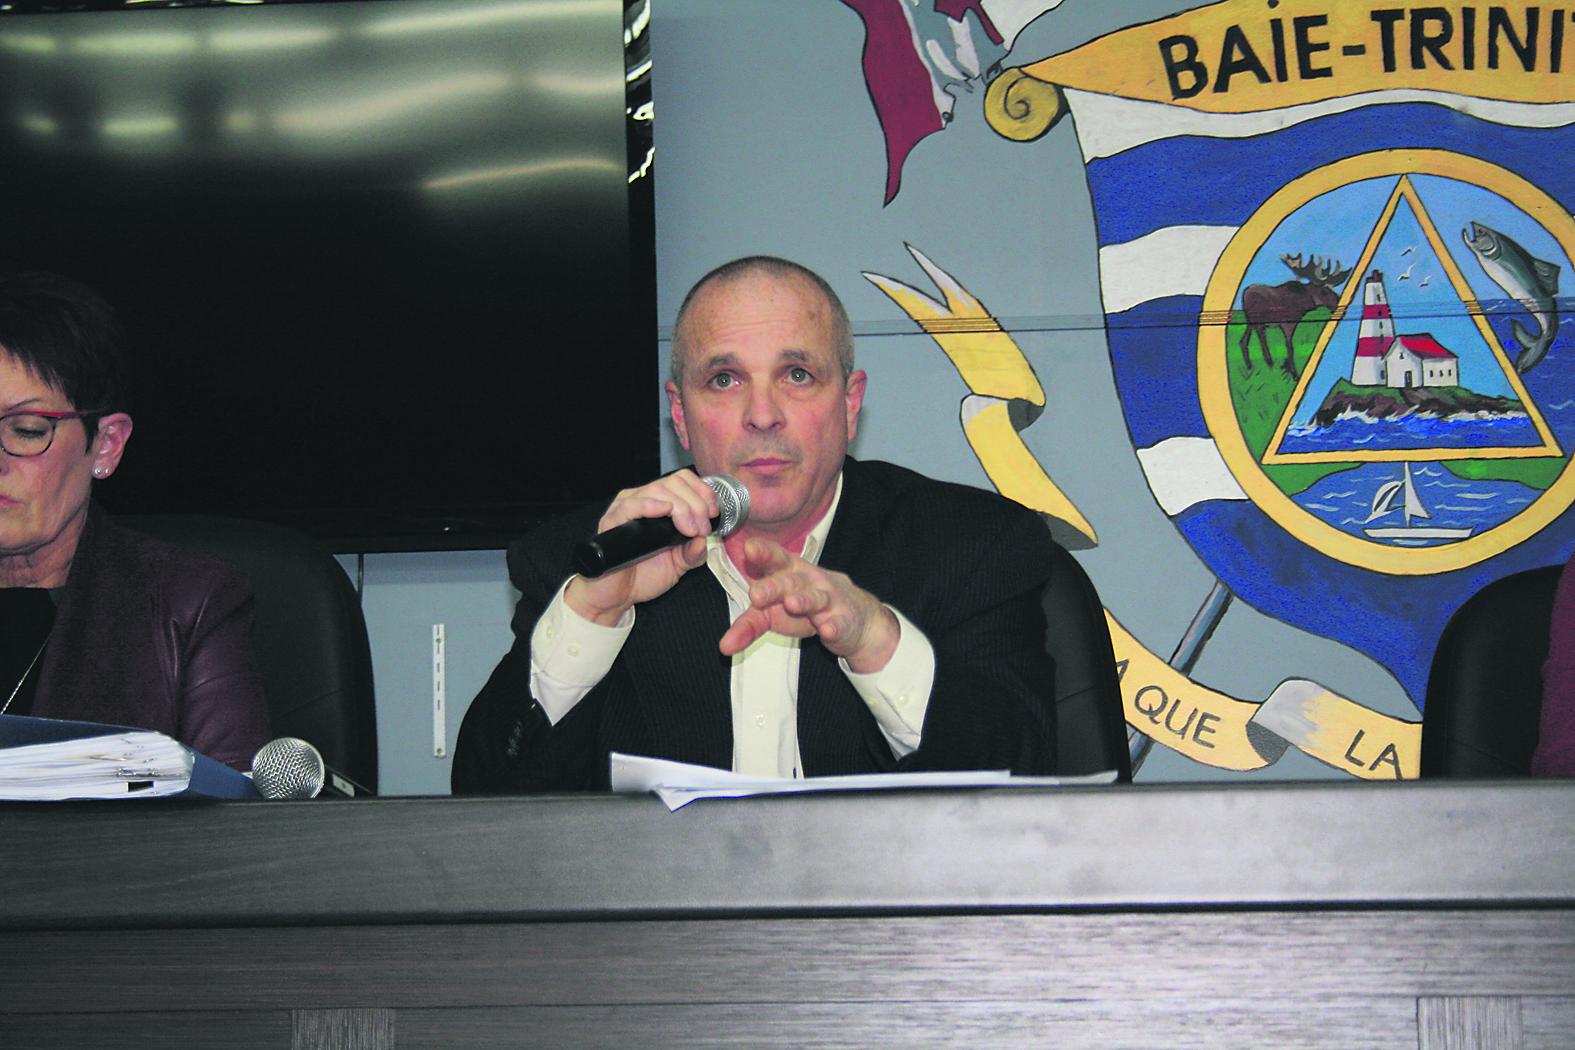 Baie-Trinité : le nouveau dg repart dès son arrivée